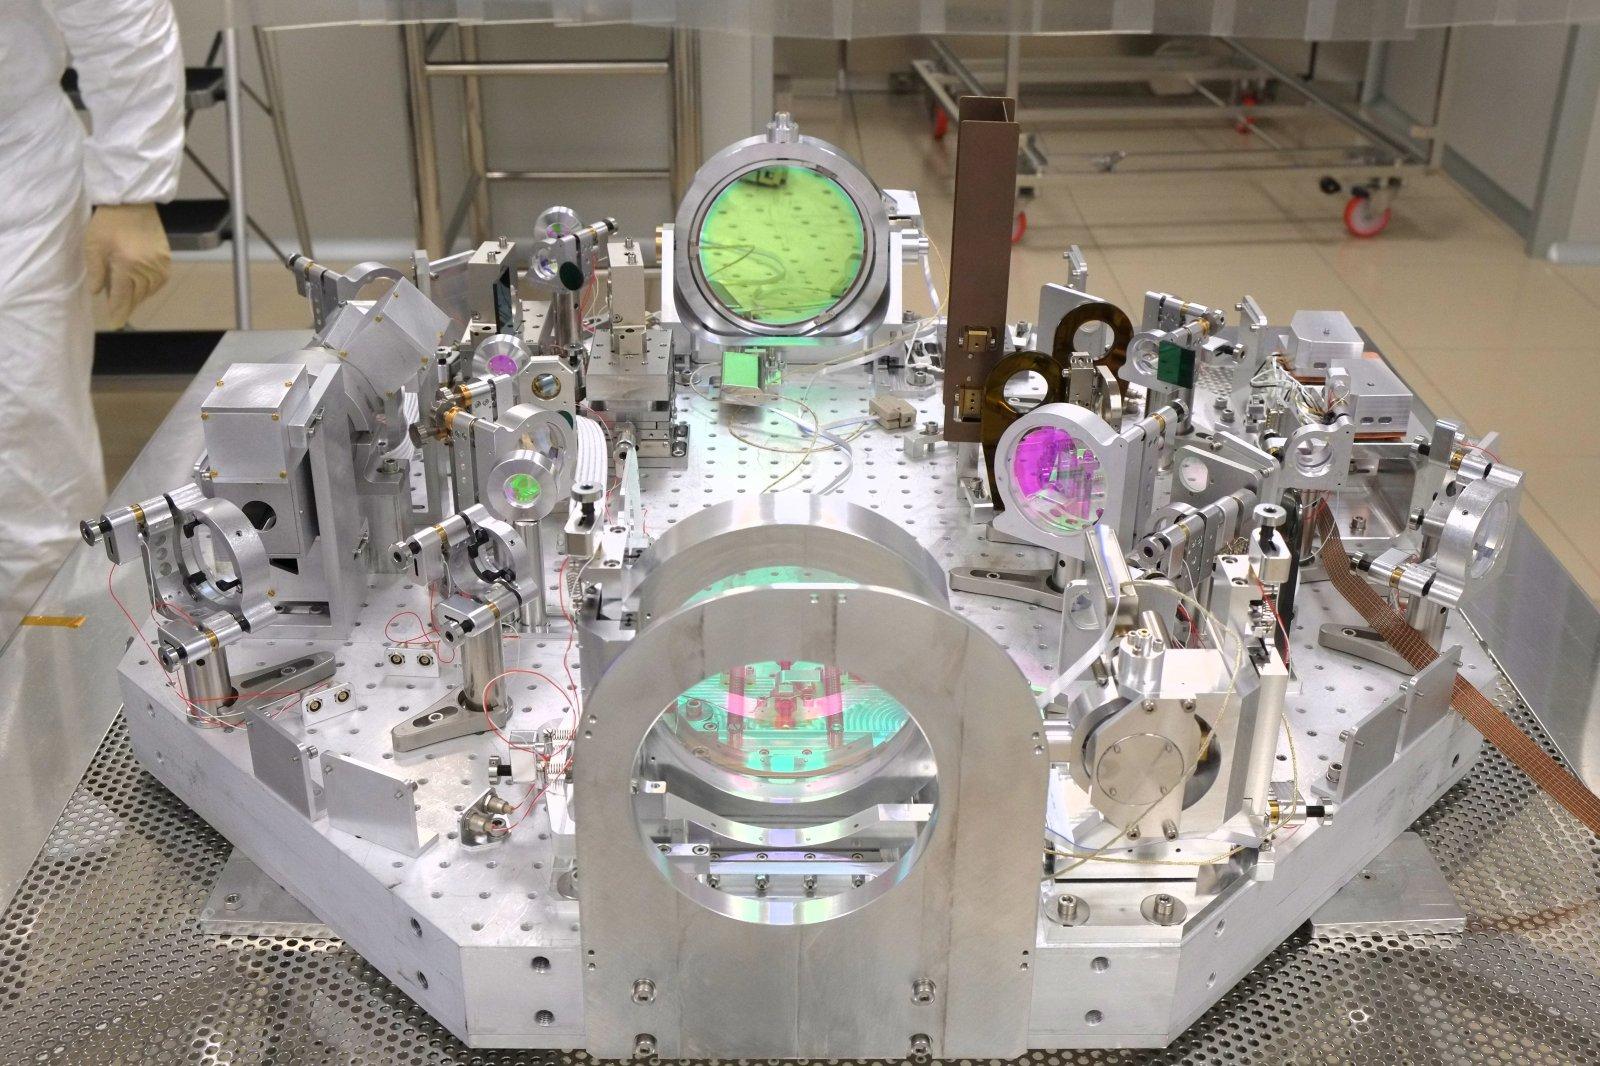 Testy optických prvků interferometru VIRGO, dramatické vylepšení jak systému VIRGO tak LIGO umožnilo současná úspěšná pozorování (zdroj VIRGO).